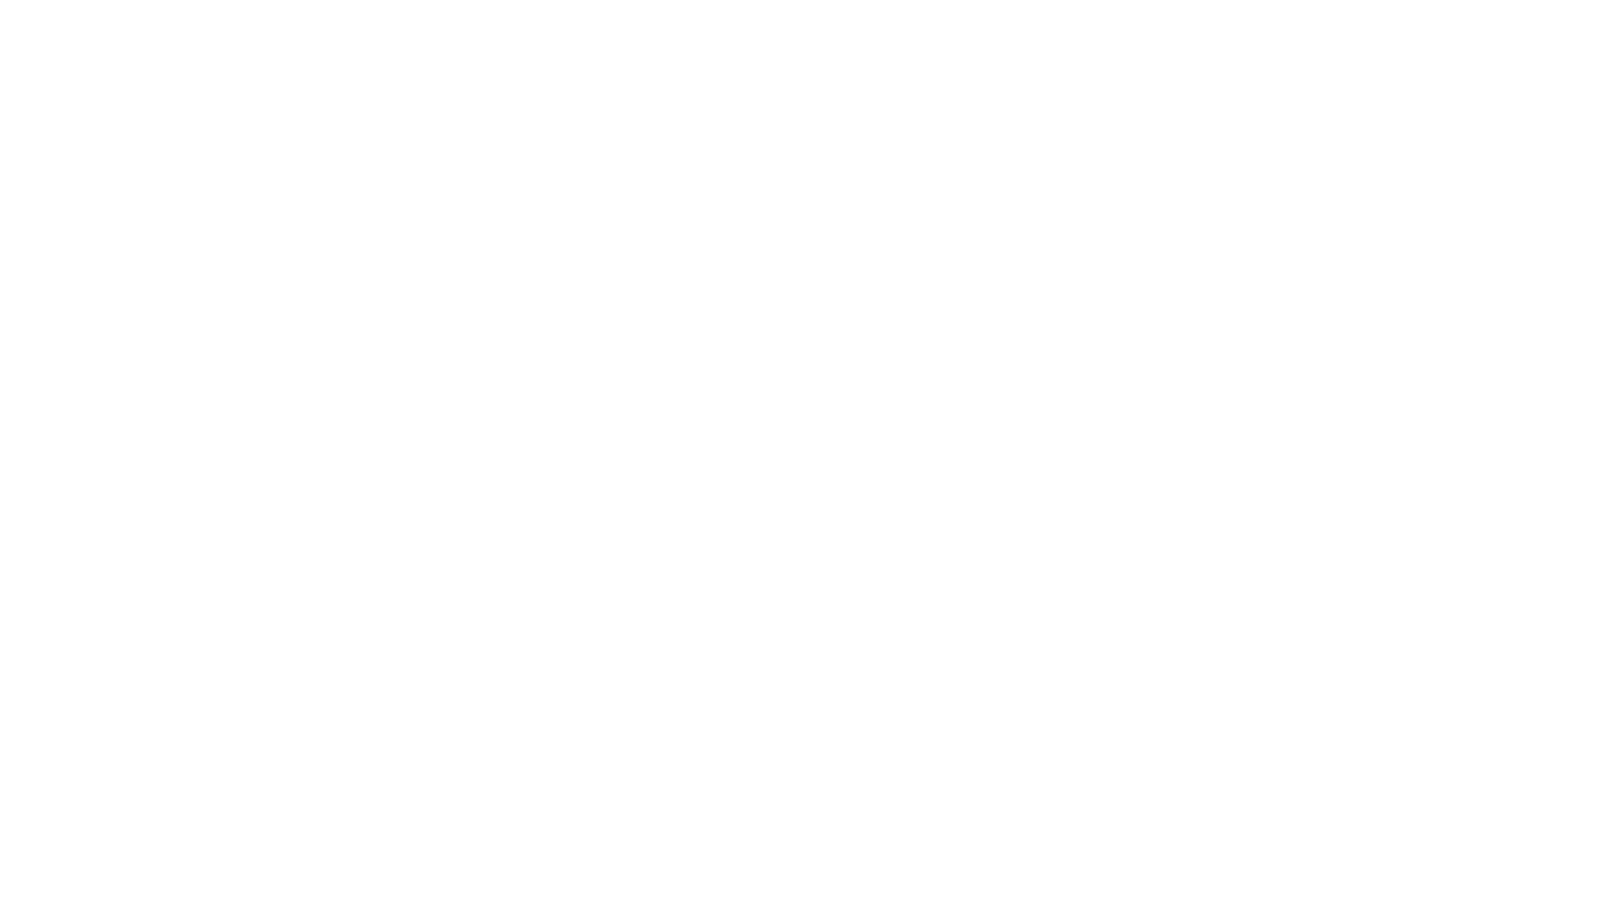 A Prefeitura de Jucurutu iniciou hoje (31), a entrega dos peixes aos moradores cadastrados no Bolsa Família do nosso município.   Amanhã, dia 1° de abril, a entrega vai ocorrer aos moradores da zona rural de Jucurutu.  É importante respeitar o distanciamento social durante a entrega dos alimentos, acompanhando as orientações dos servidores municipais.   #EntregaDosPeixes #AssistênciaSocial #Jucurutu #PrefeituraDeJucurutu #FiqueEmCasa